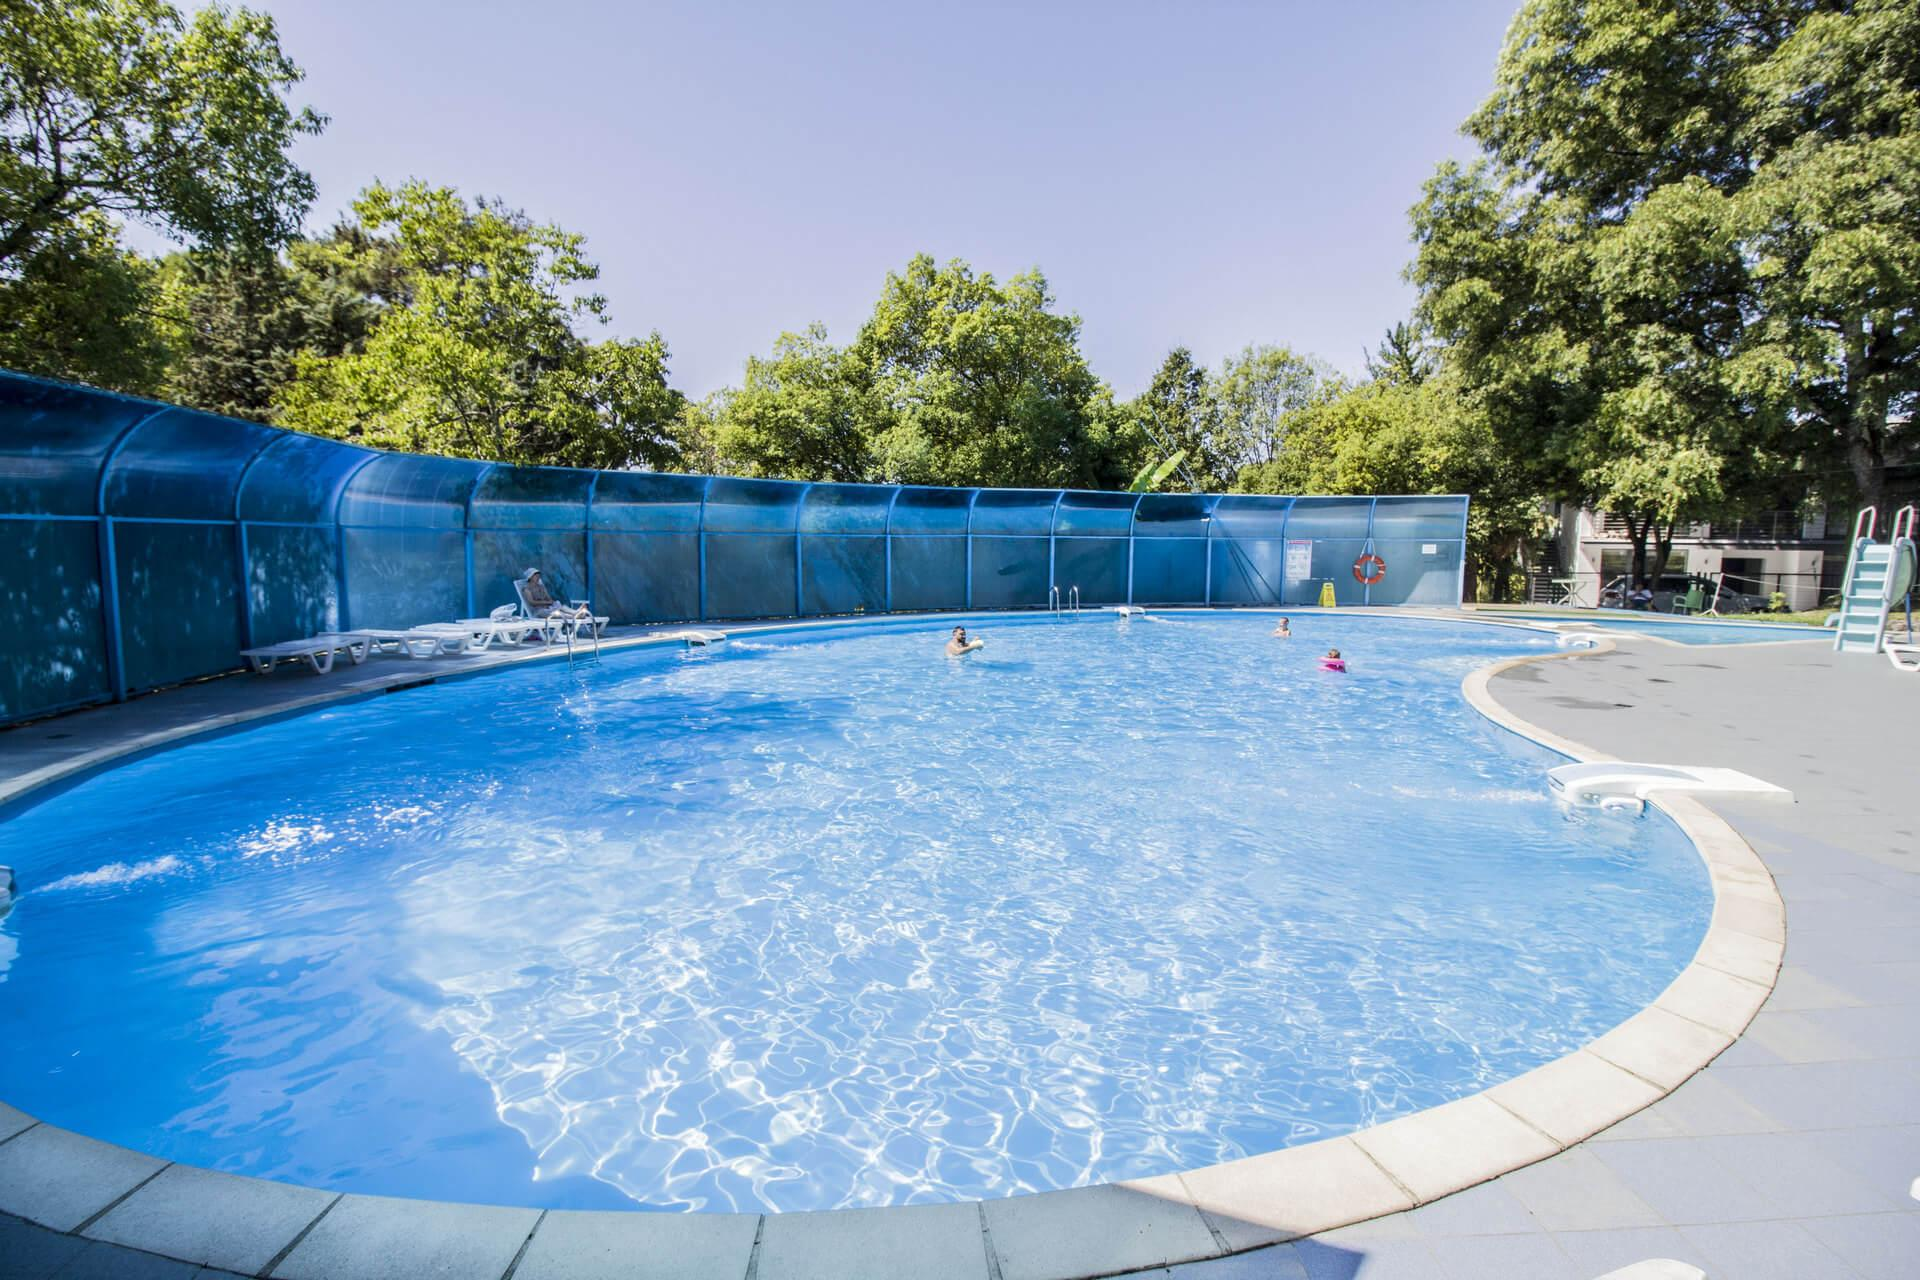 Апартаменты в 4-звездочном комплексе - image Apartamenty-v-4-zvezdochnom-komplekse-5 on http://bizneskvartal.ru